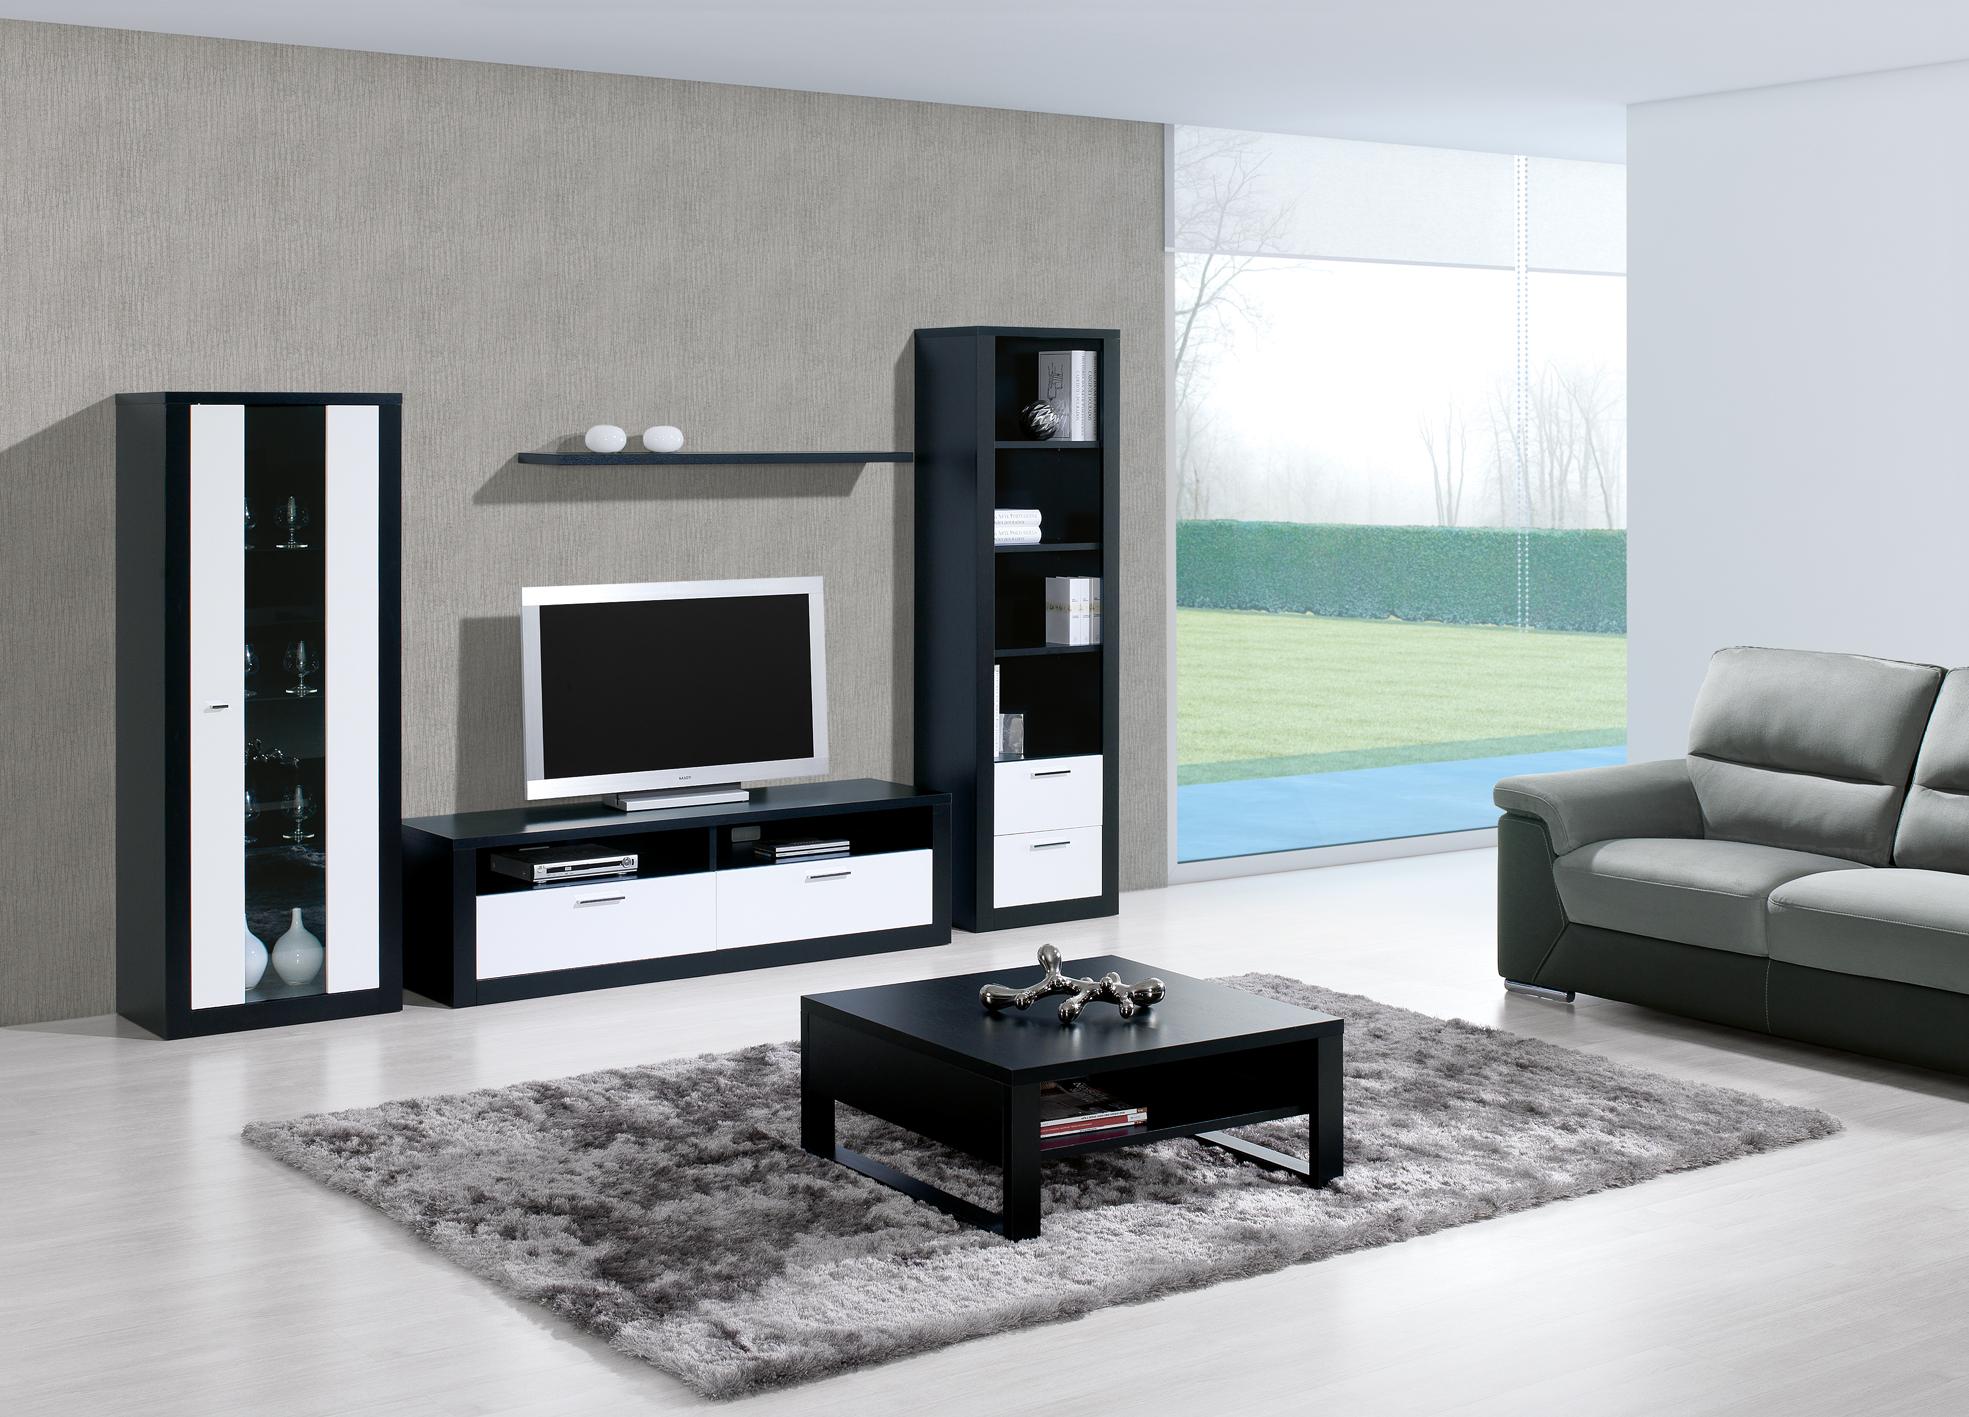 Grupo mit loja online sof s m veis quartos chaisse for Catalogo mobilia